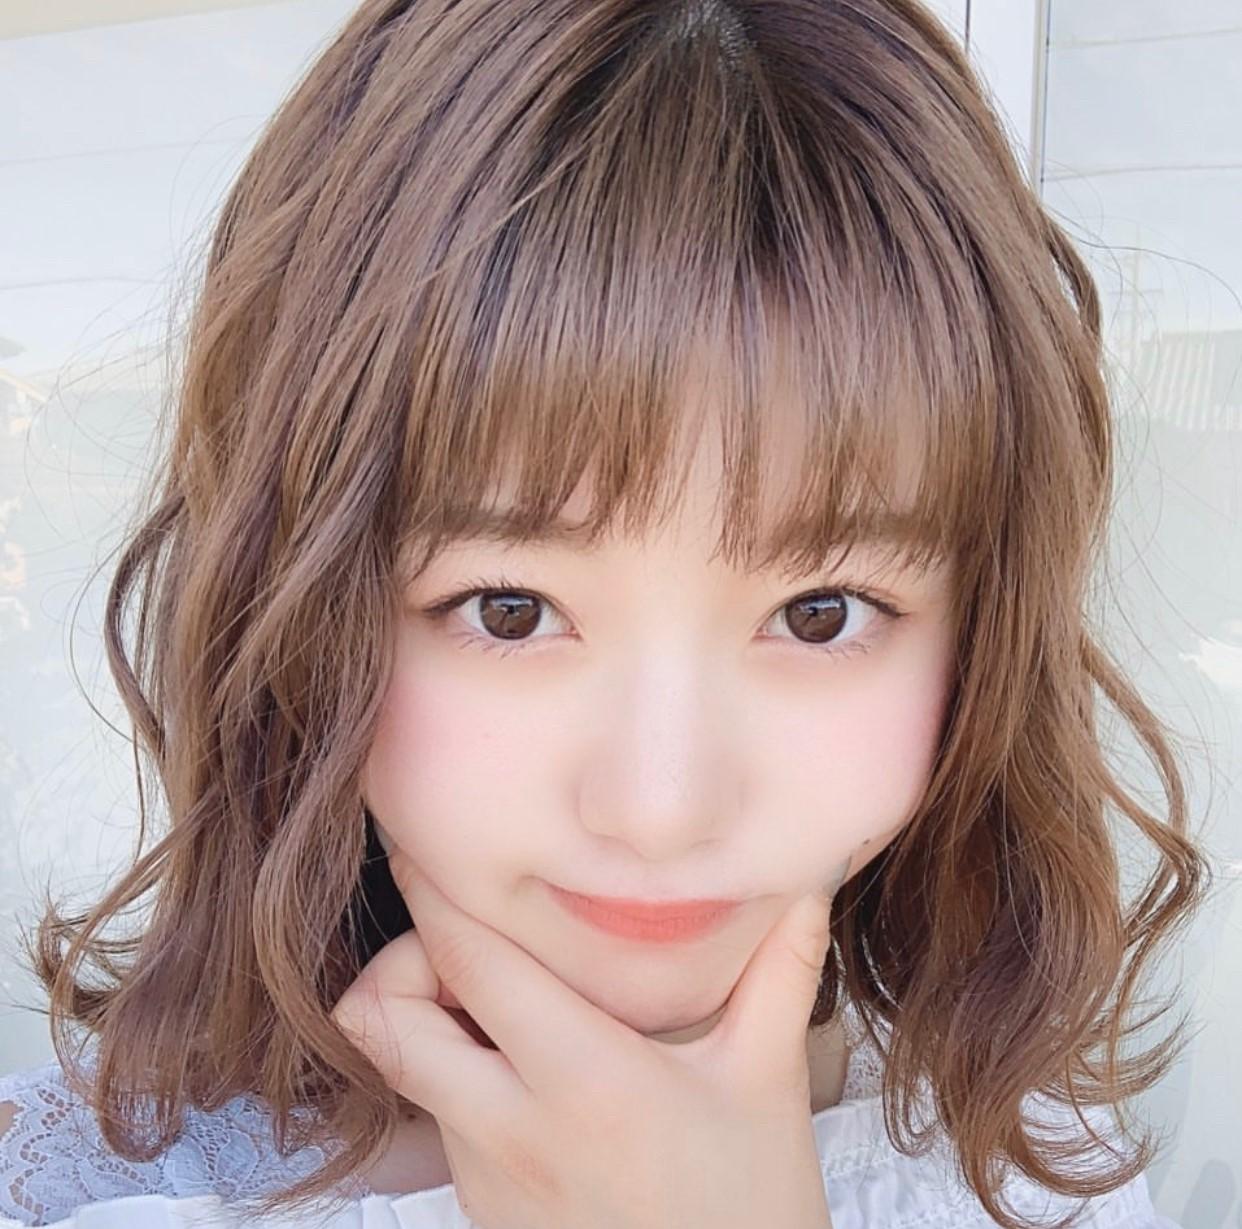 萩田帆風の画像まとめ【プロフィール・若手女優】No.113